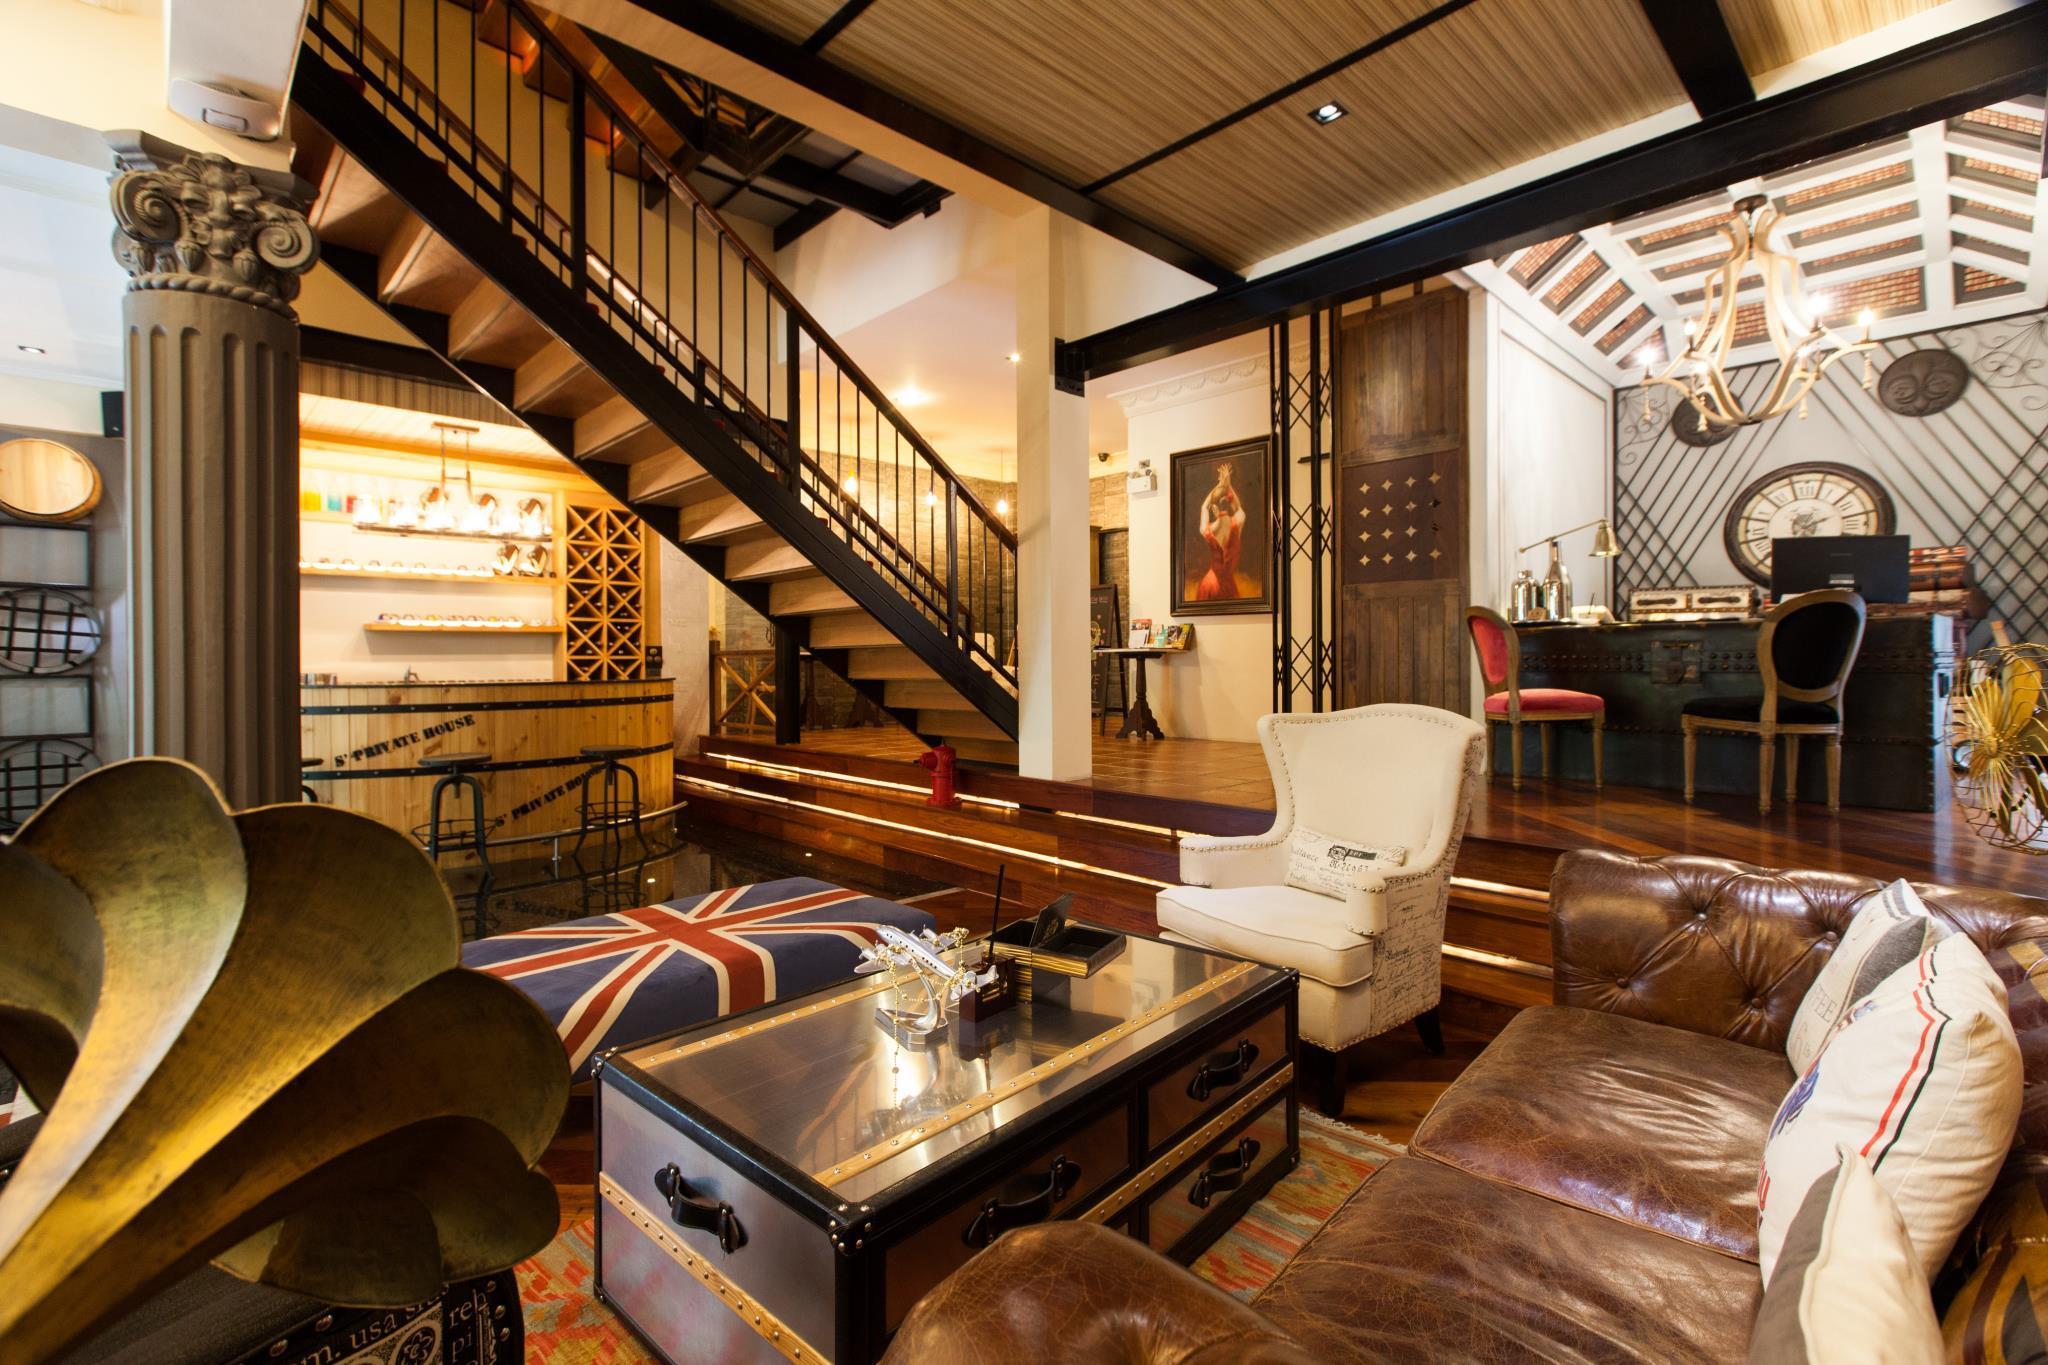 S私人公寓,เอส ไพรเวทเฮาส์